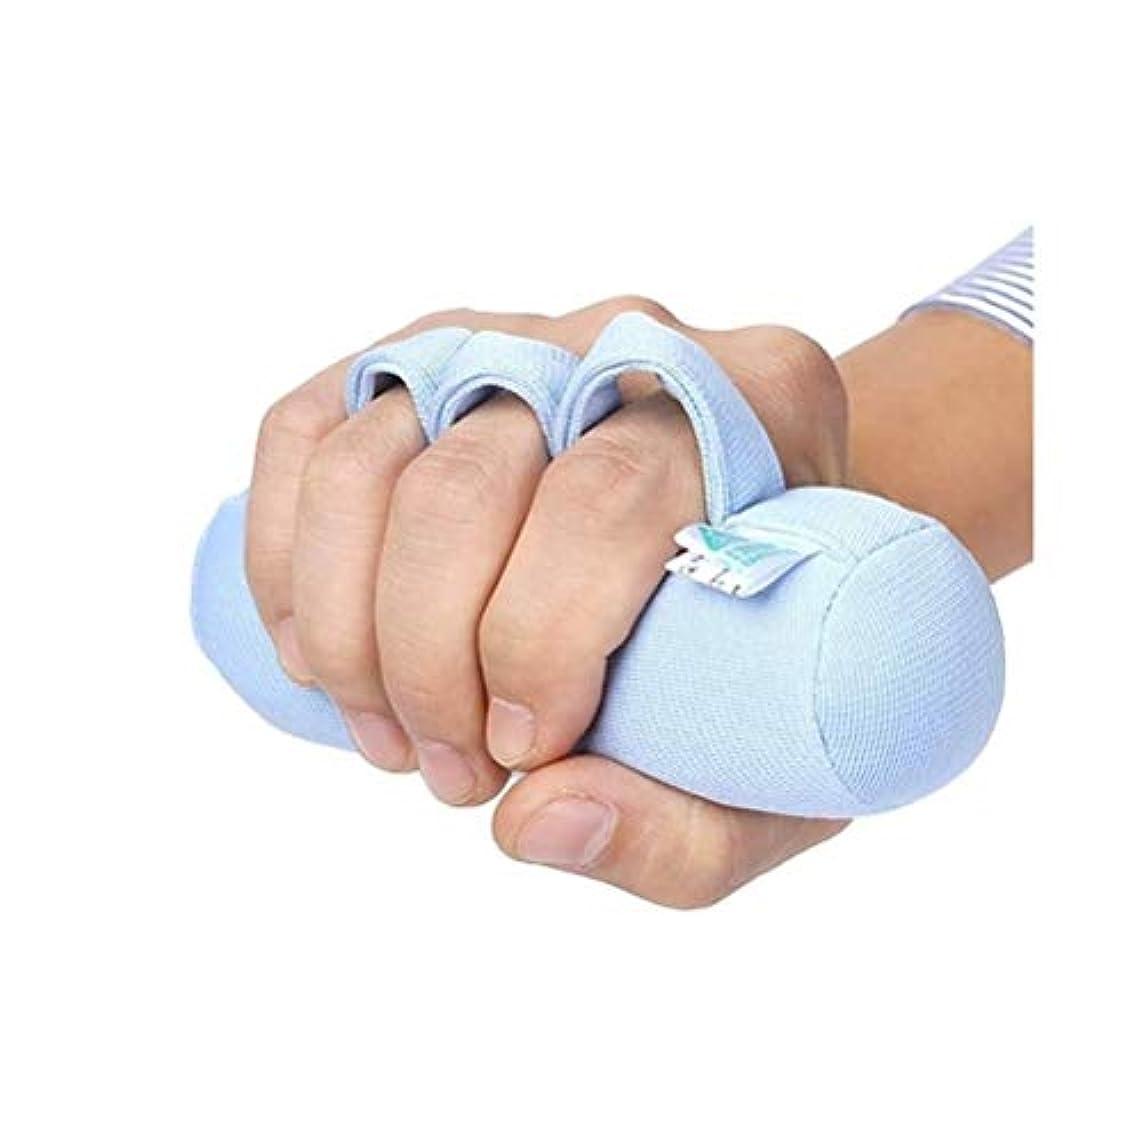 グラムふりをするスライス指セパレーターパームプロテクター、手拘縮装具、ソフトパームクッションのために、指セパレーターはベッドのためにくる病ハンド高齢者ケアを化膿指拘縮クッション防止の指は指セパレーションフィット右または左の手を傷